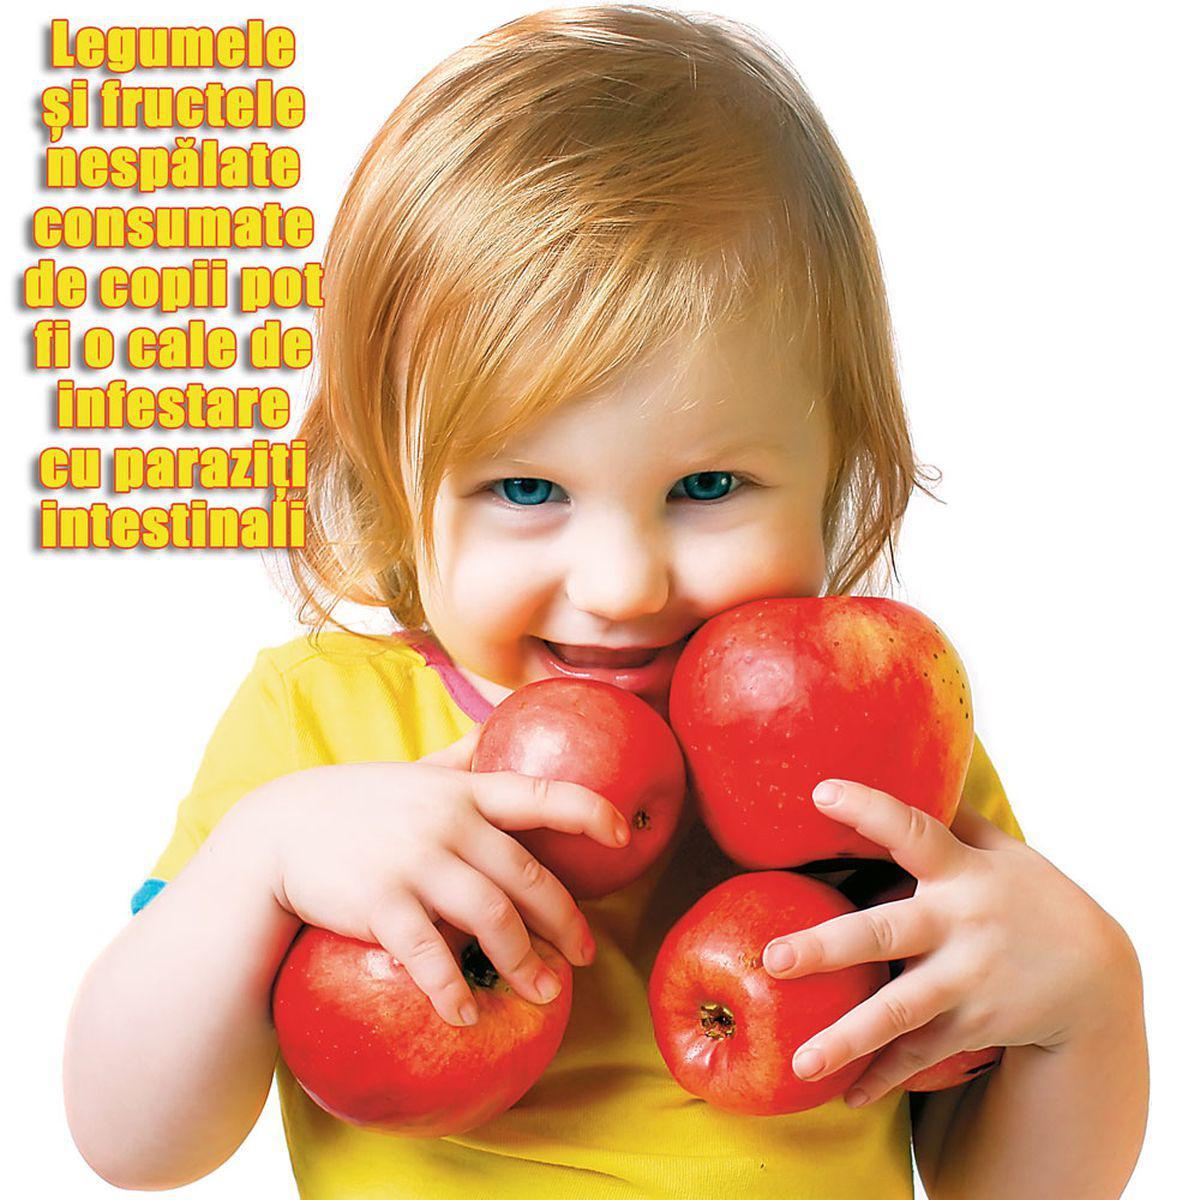 Copilul Intre 1 Si 3 Ani - Poveste de enterobioză